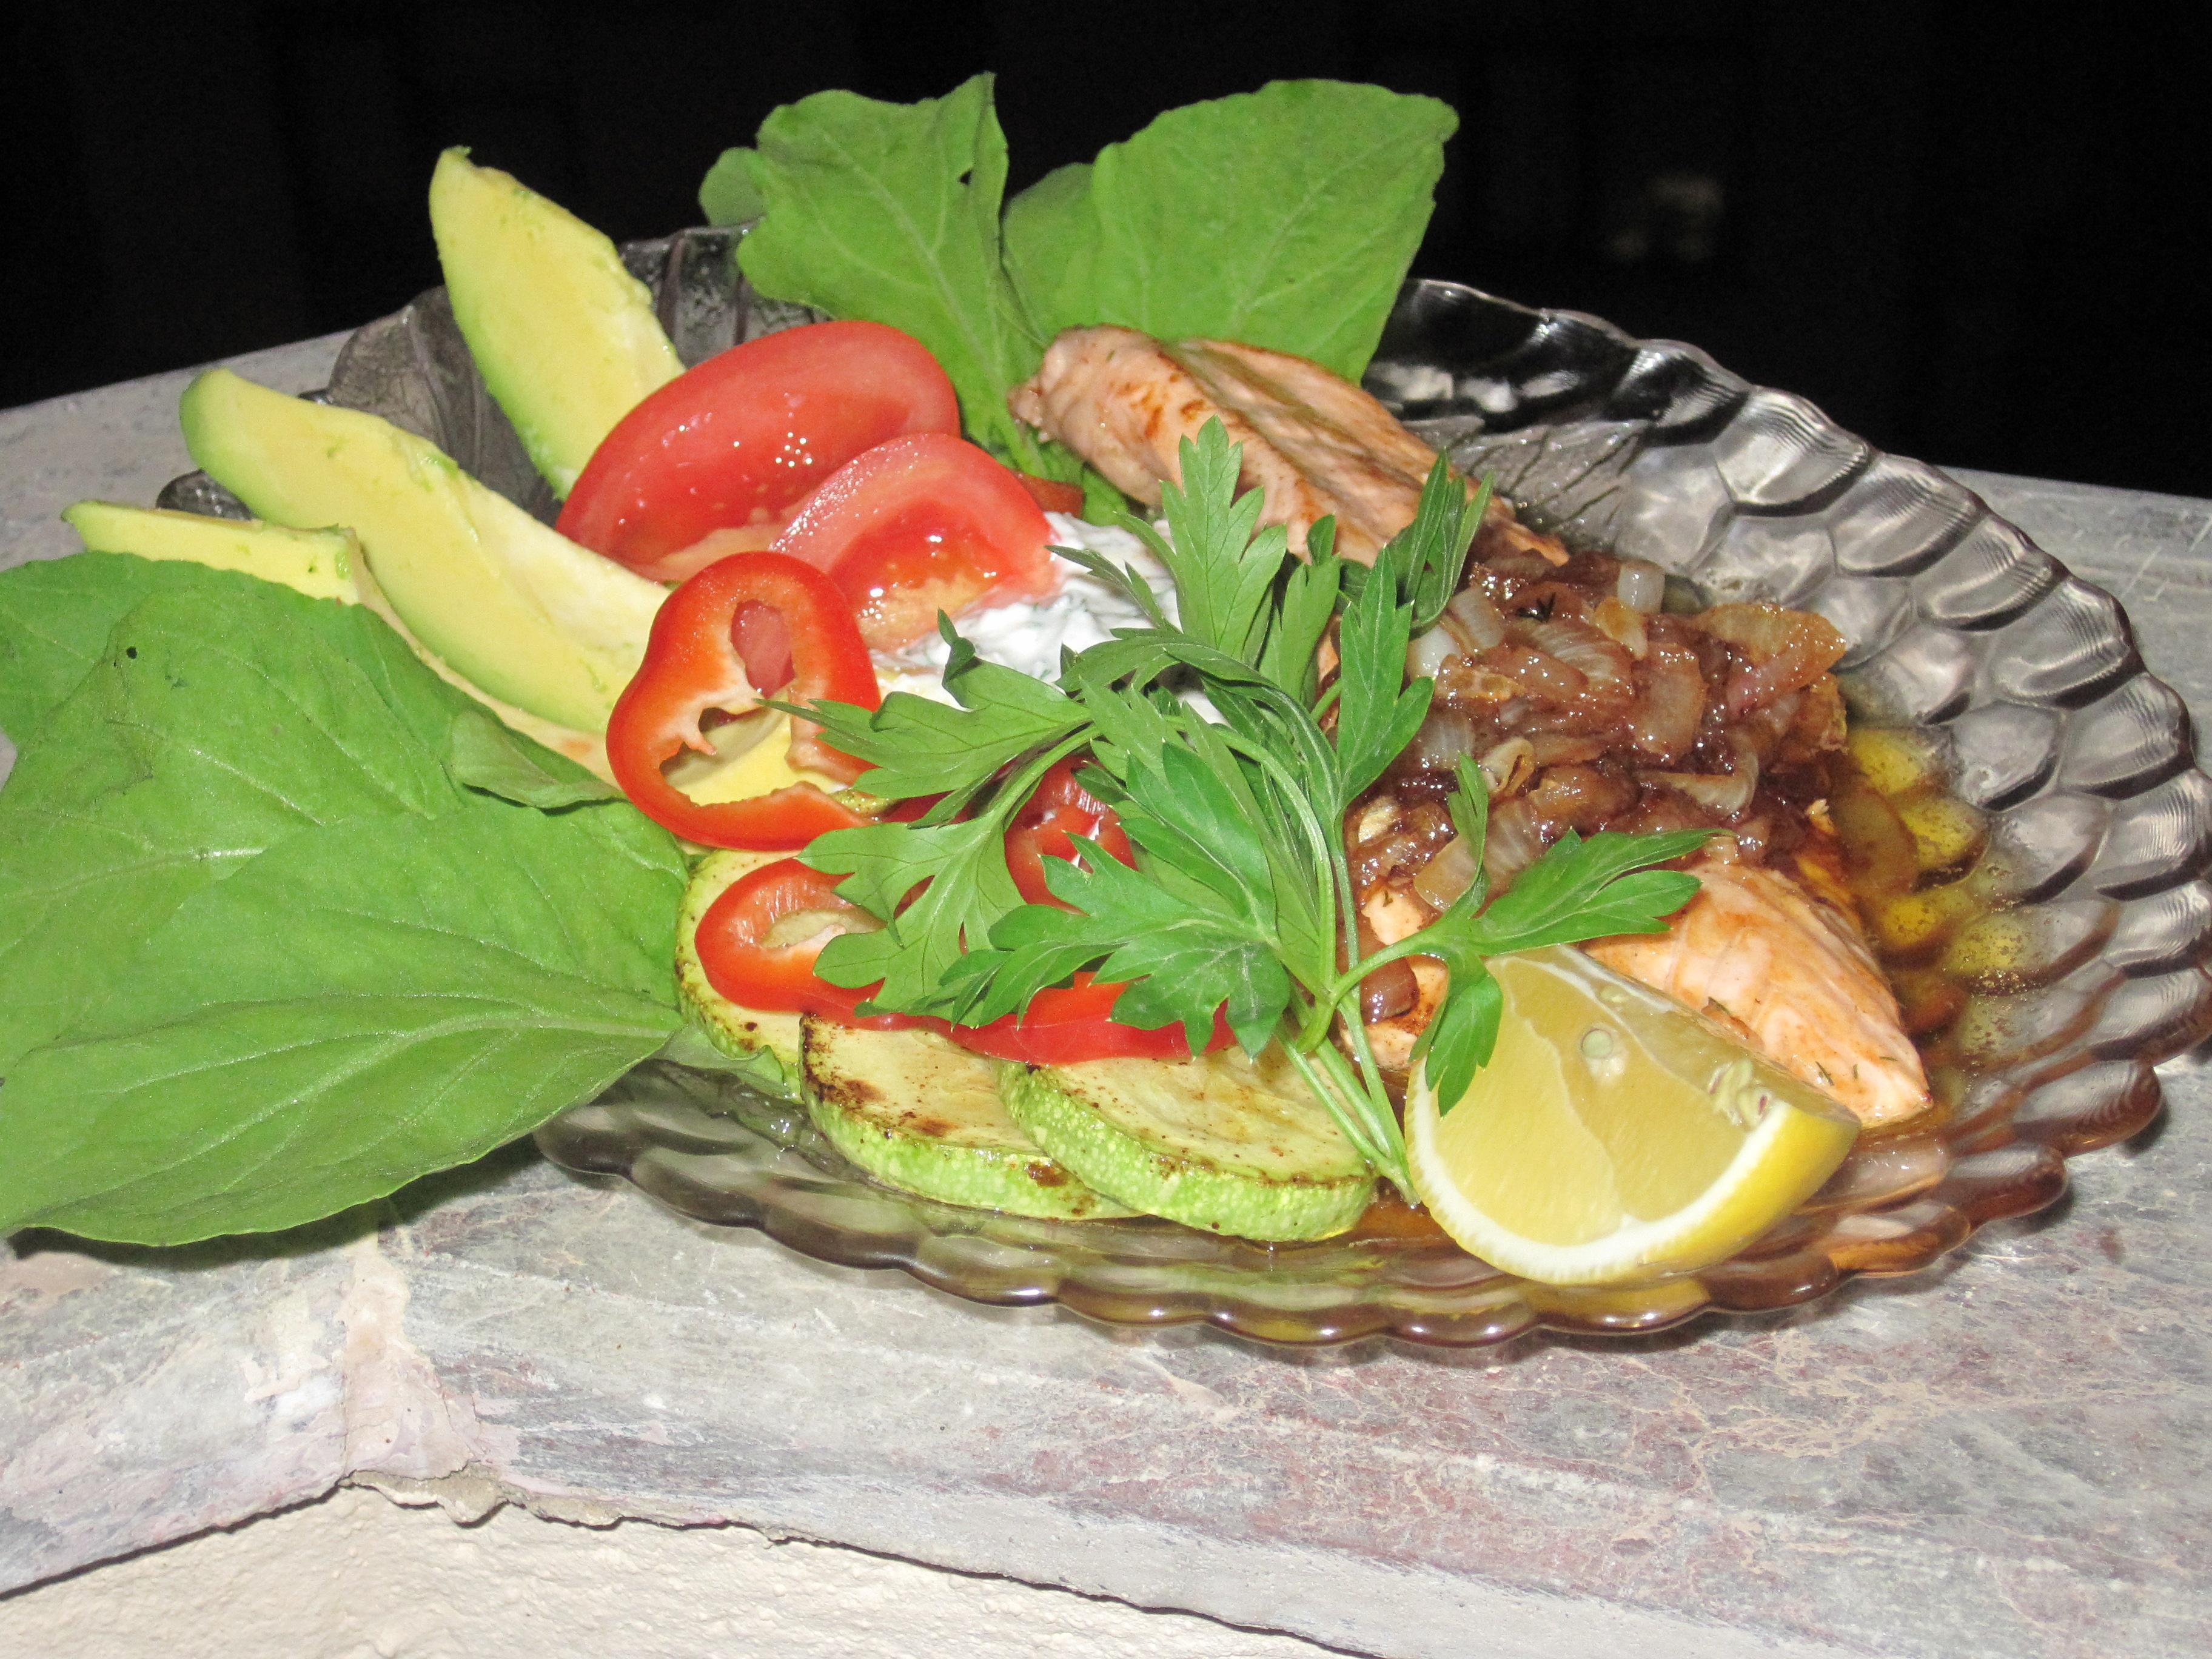 Smörstekt Lax med Lök, Zucchini, Avocado och Färskoströra med Dill